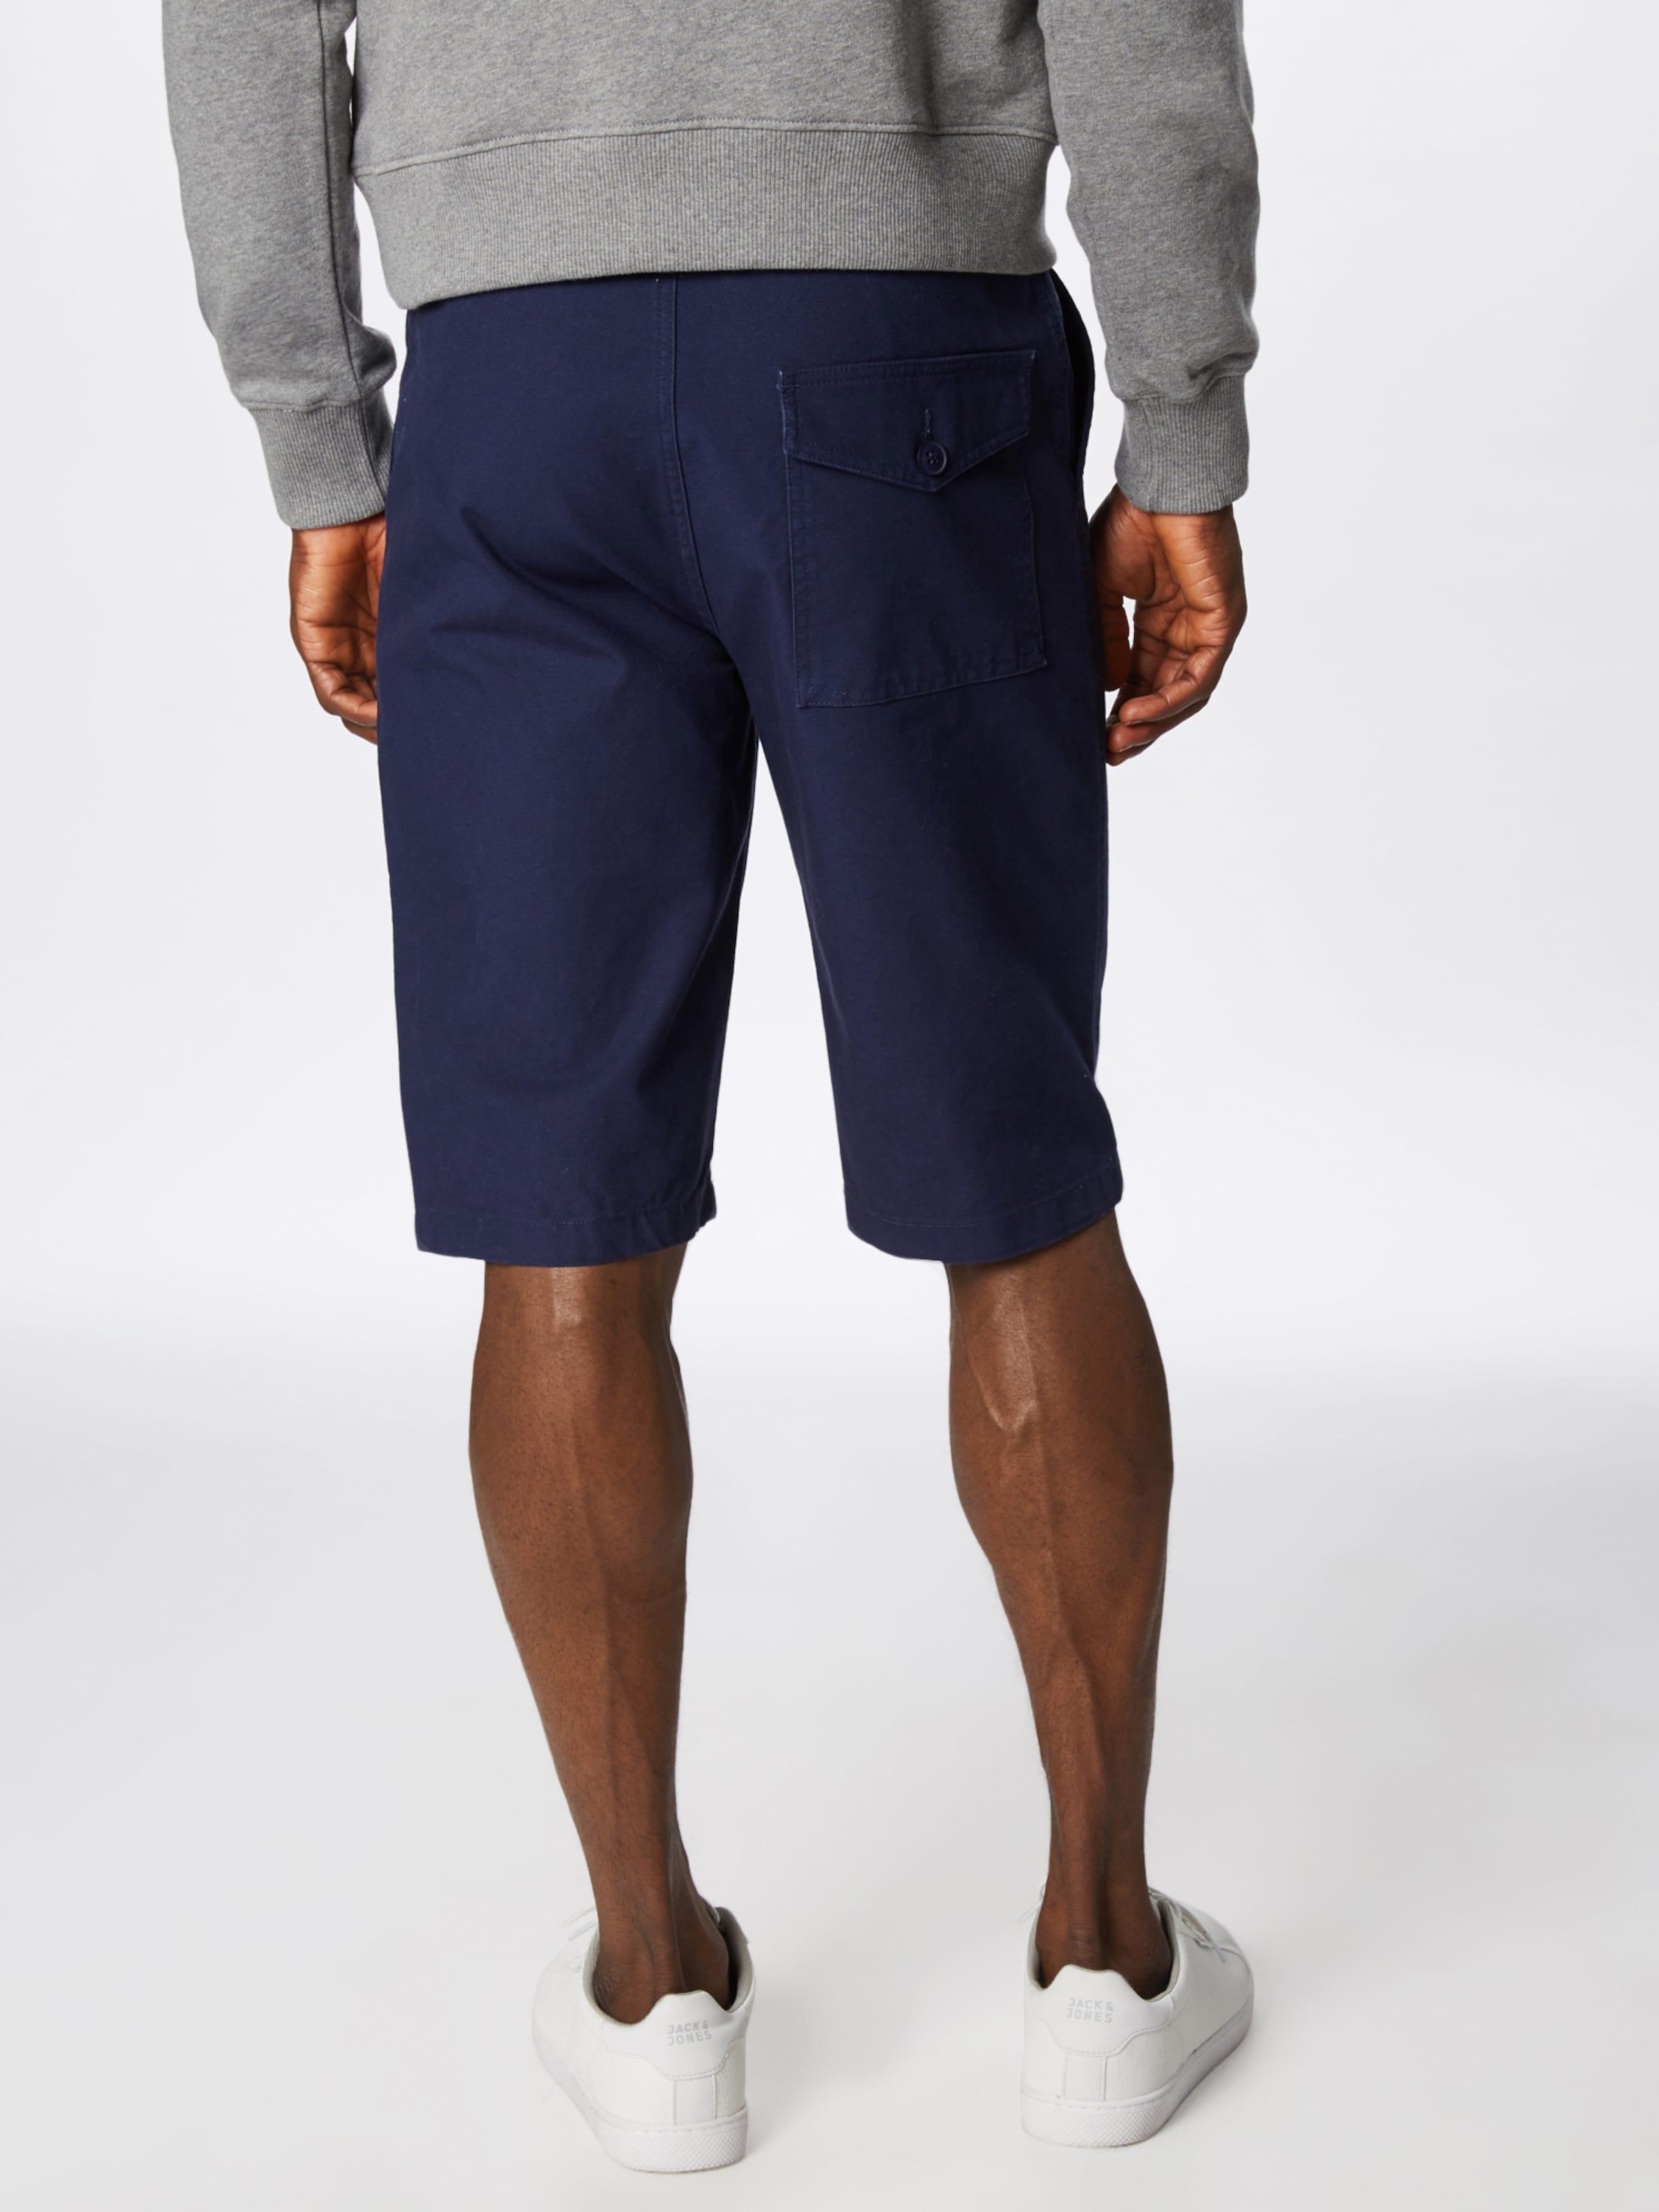 En Armor À Lux Pince Pantalon Bleu Marine 'bermuda' CWxerBod